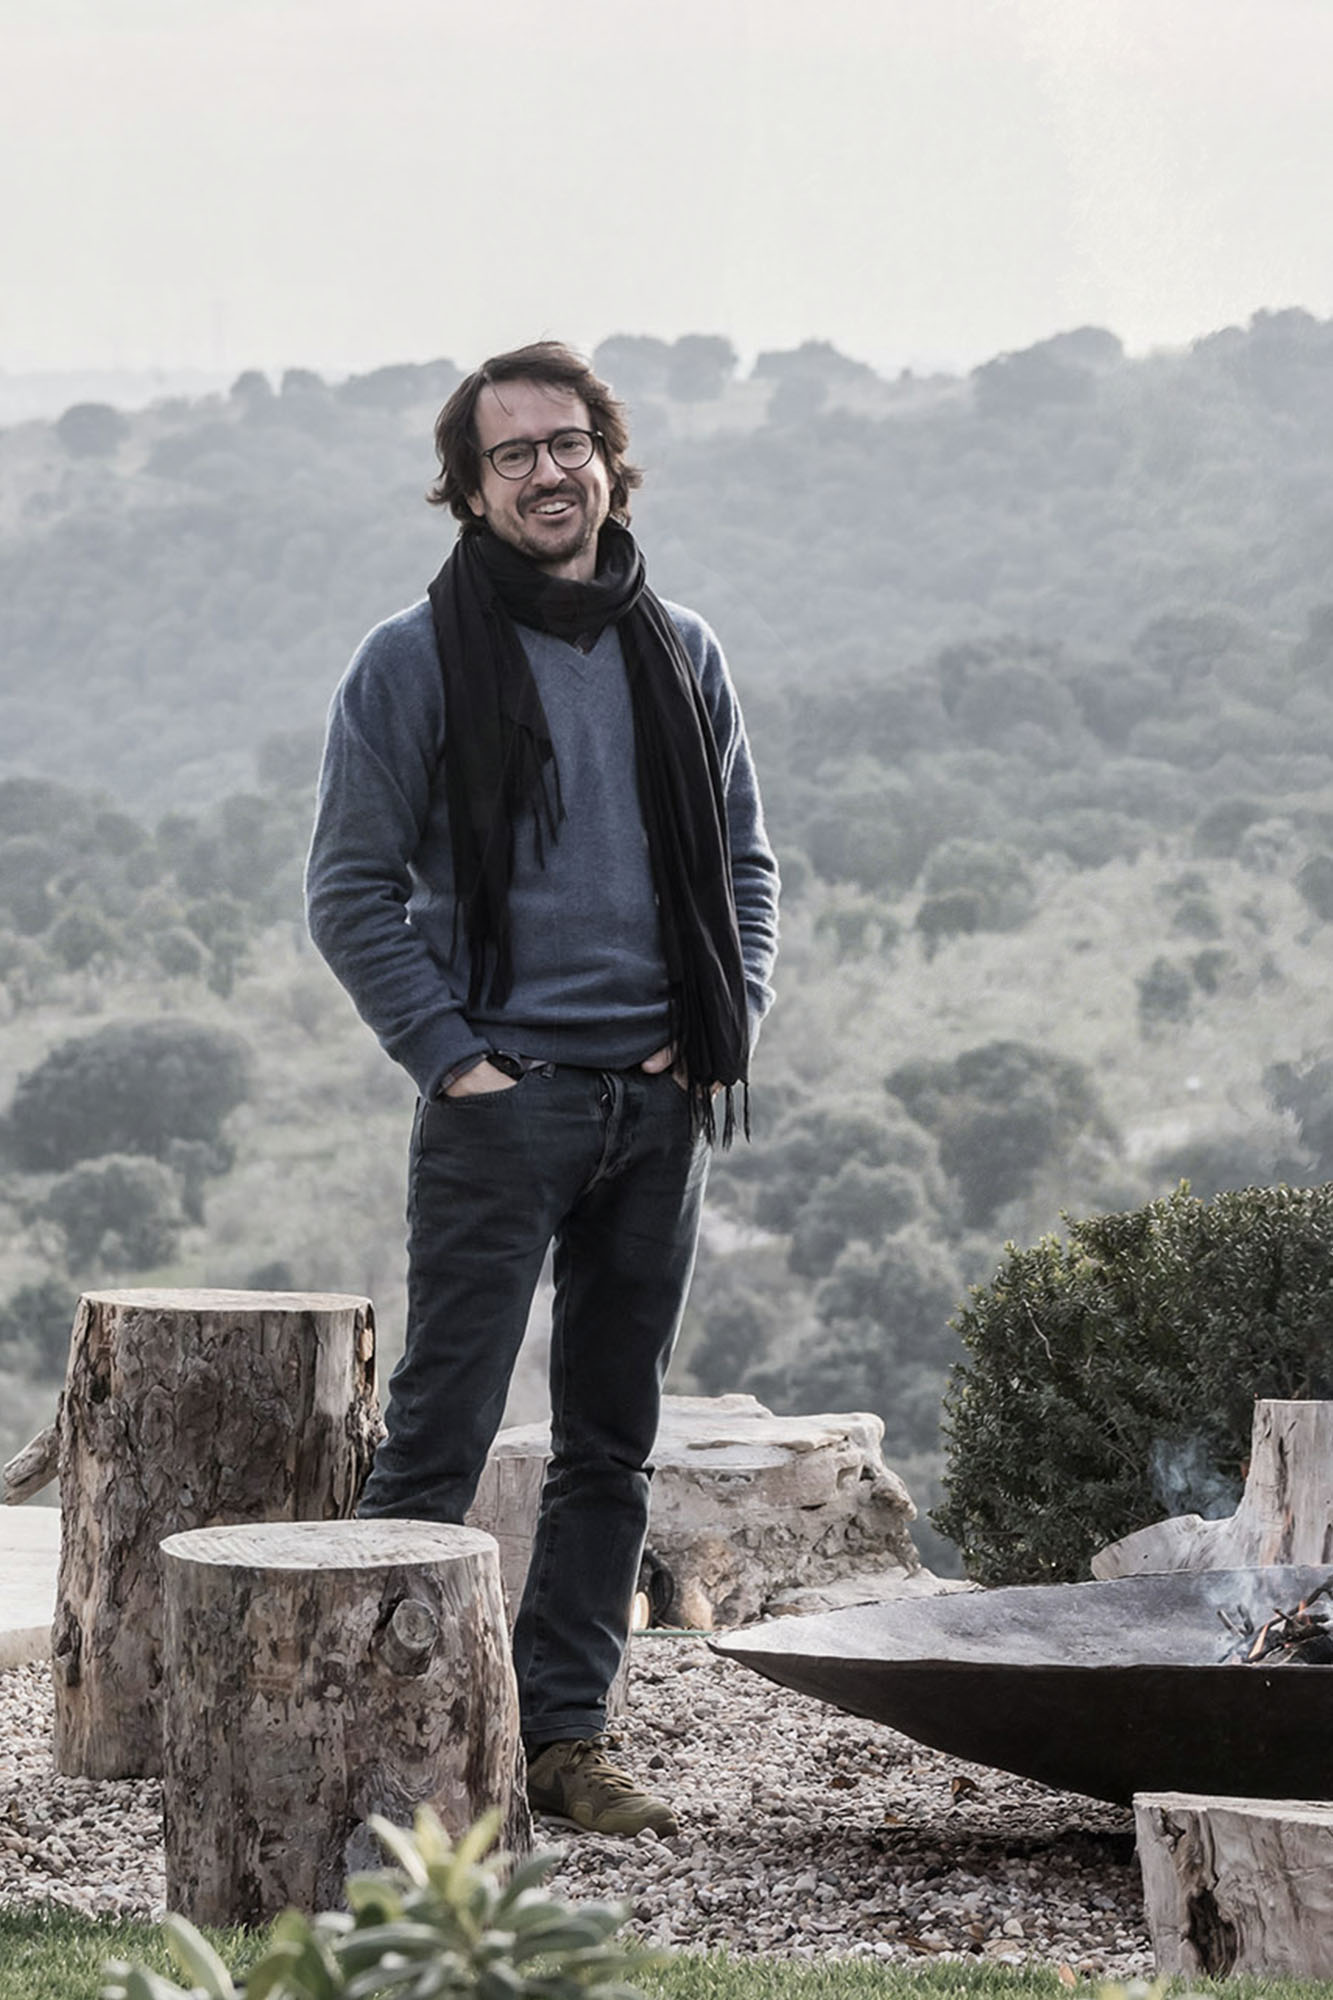 Gonzalo Morillo Socio en Locus Landscape Architecture